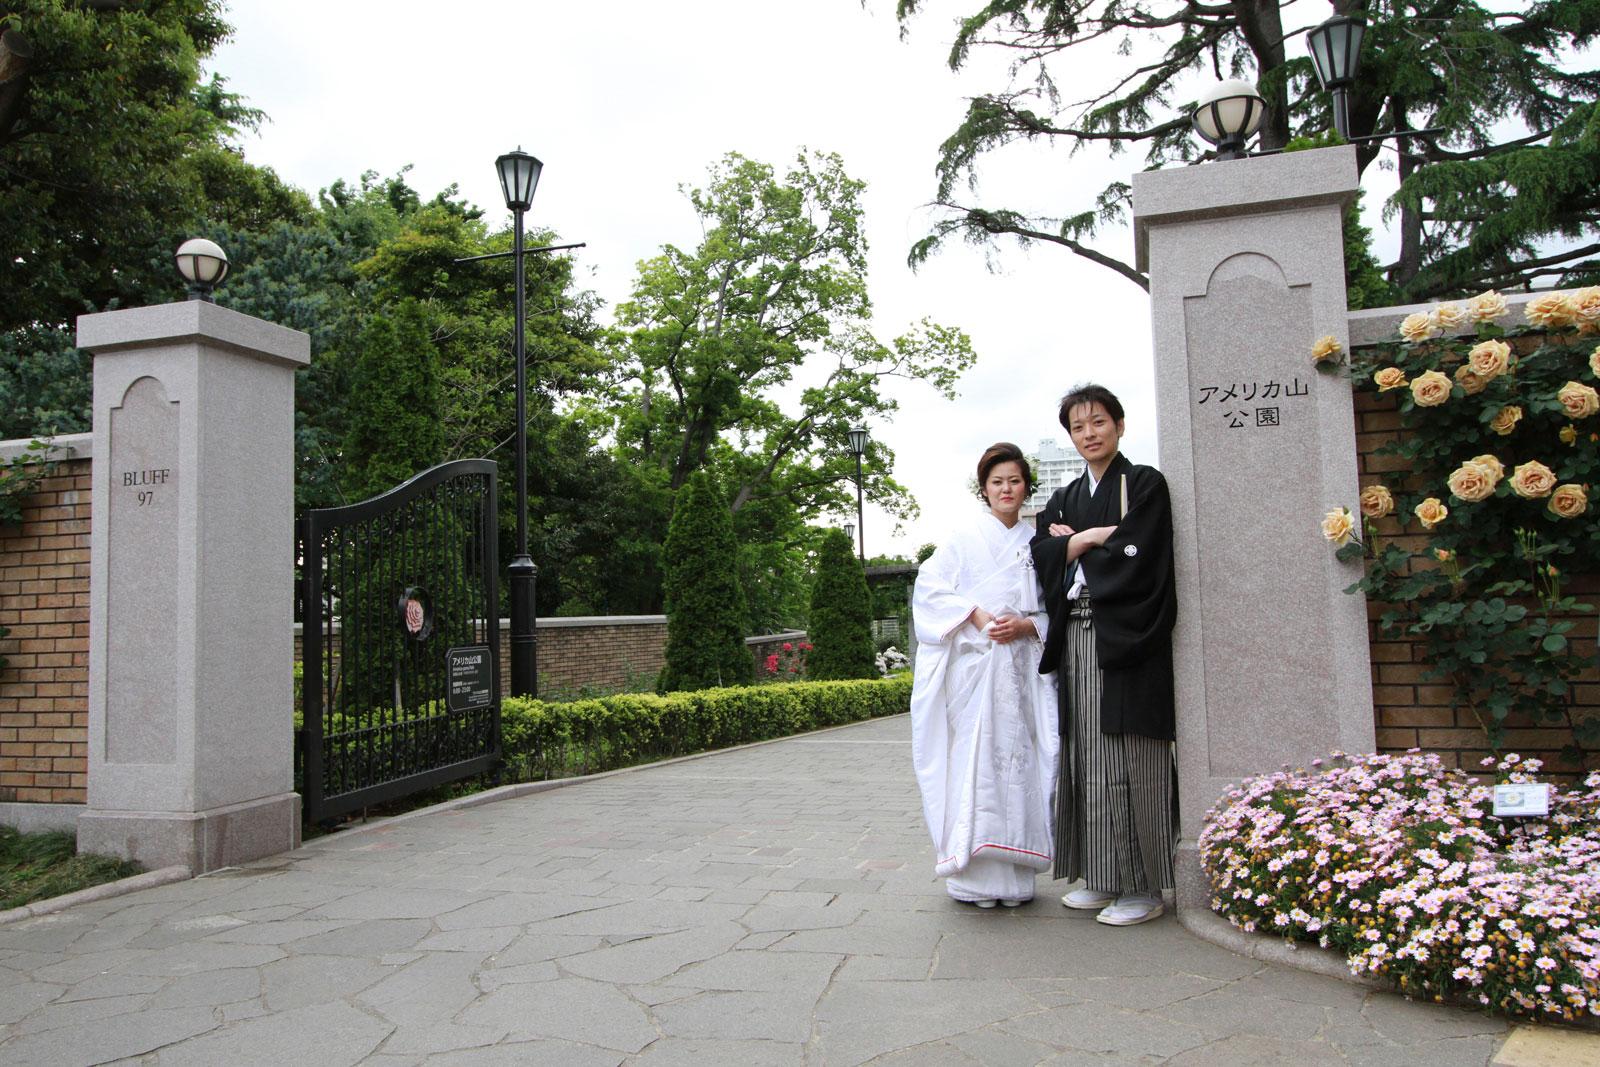 和装ロケーションフォト(港の見える丘公園ver.)